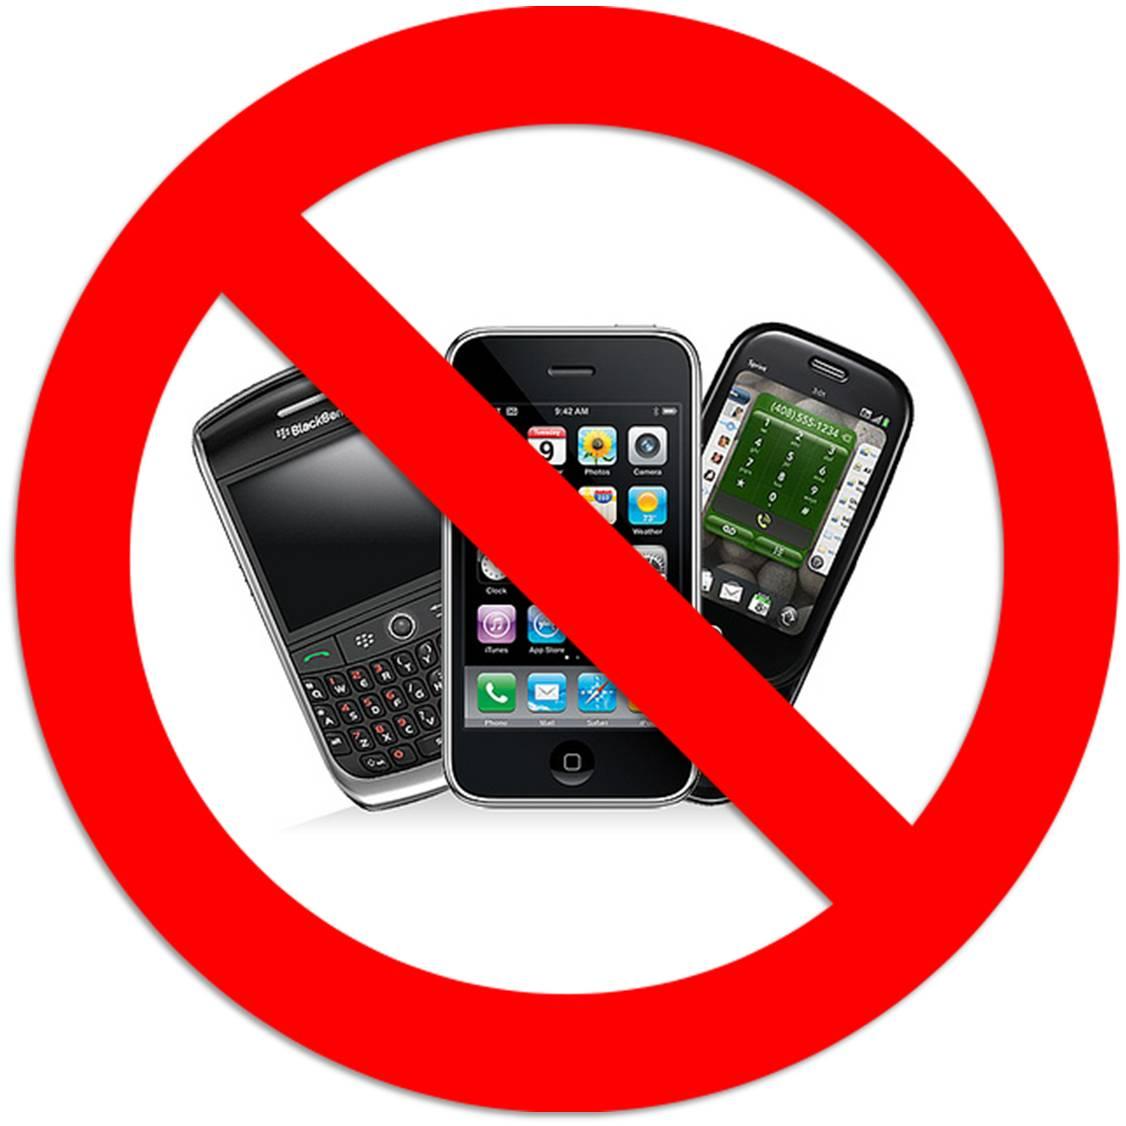 مقال عن ادمان الهواتف الخلوية , مخاطر ادمان الهواتف الذكية على الصحة النفسية